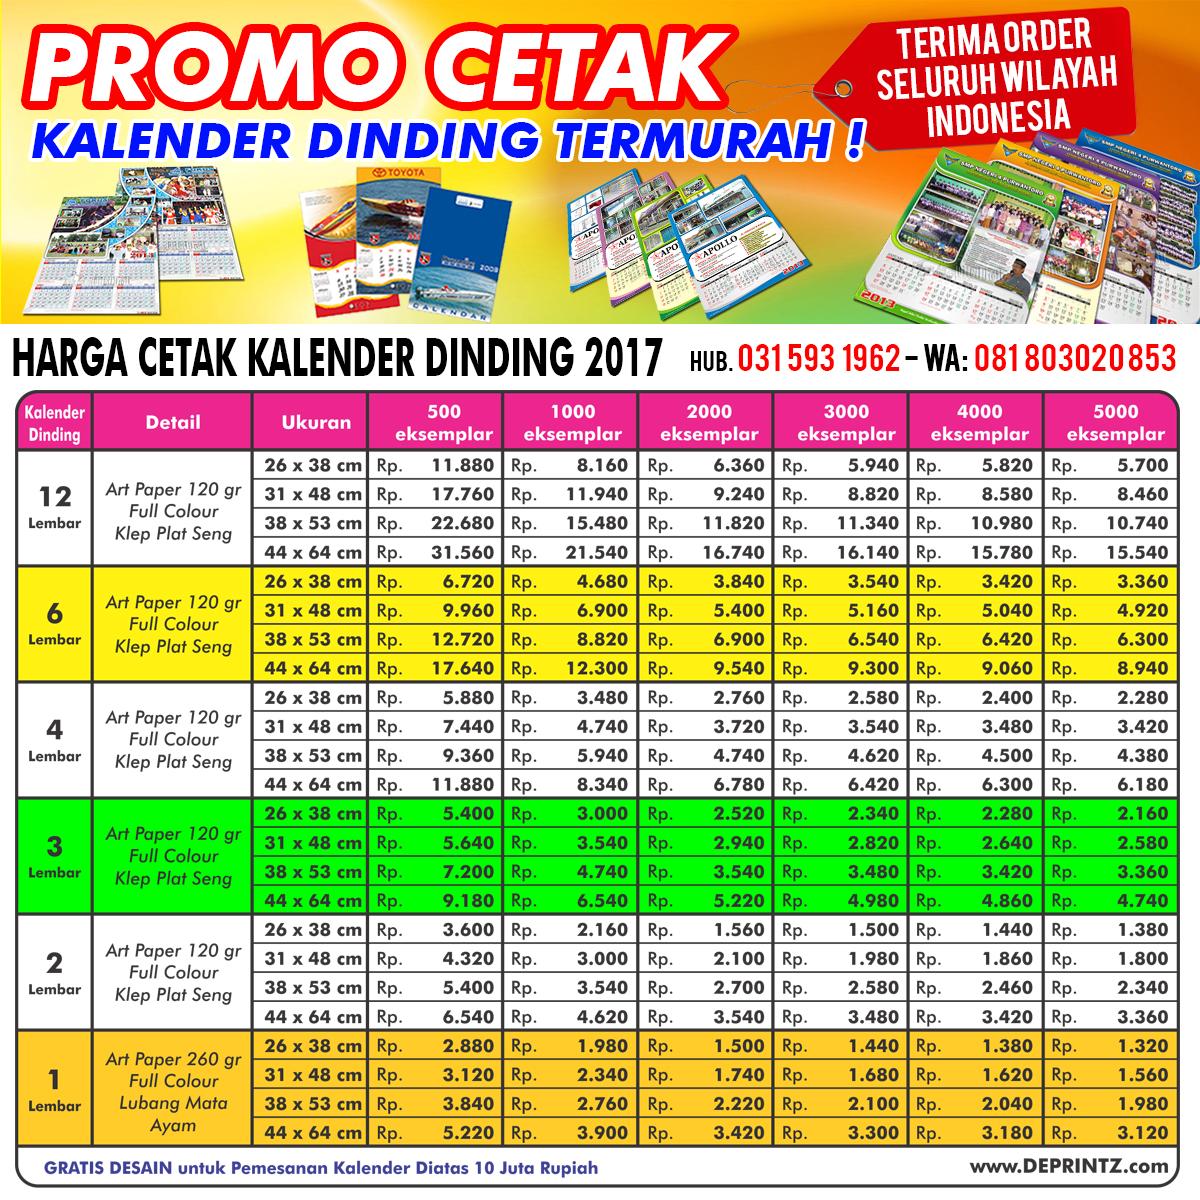 Daftar Harga Percetakan Kalender Dinding 2016